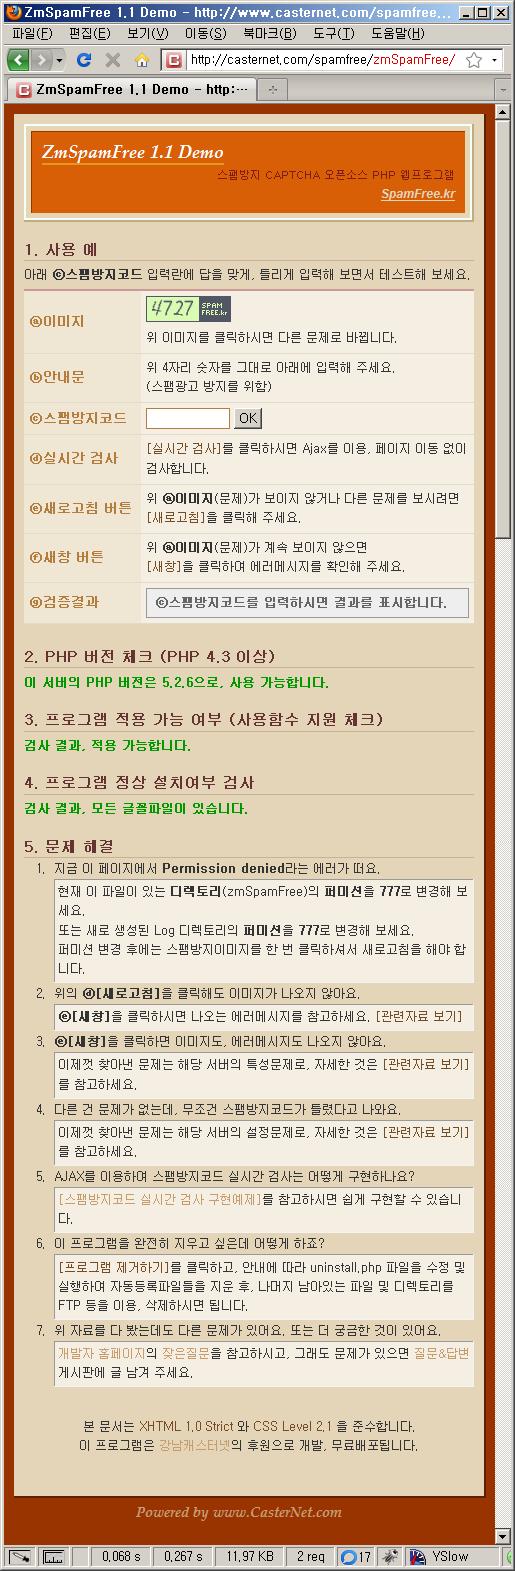 지엠스팸프리(ZmSpamFree) 1.1 Demo